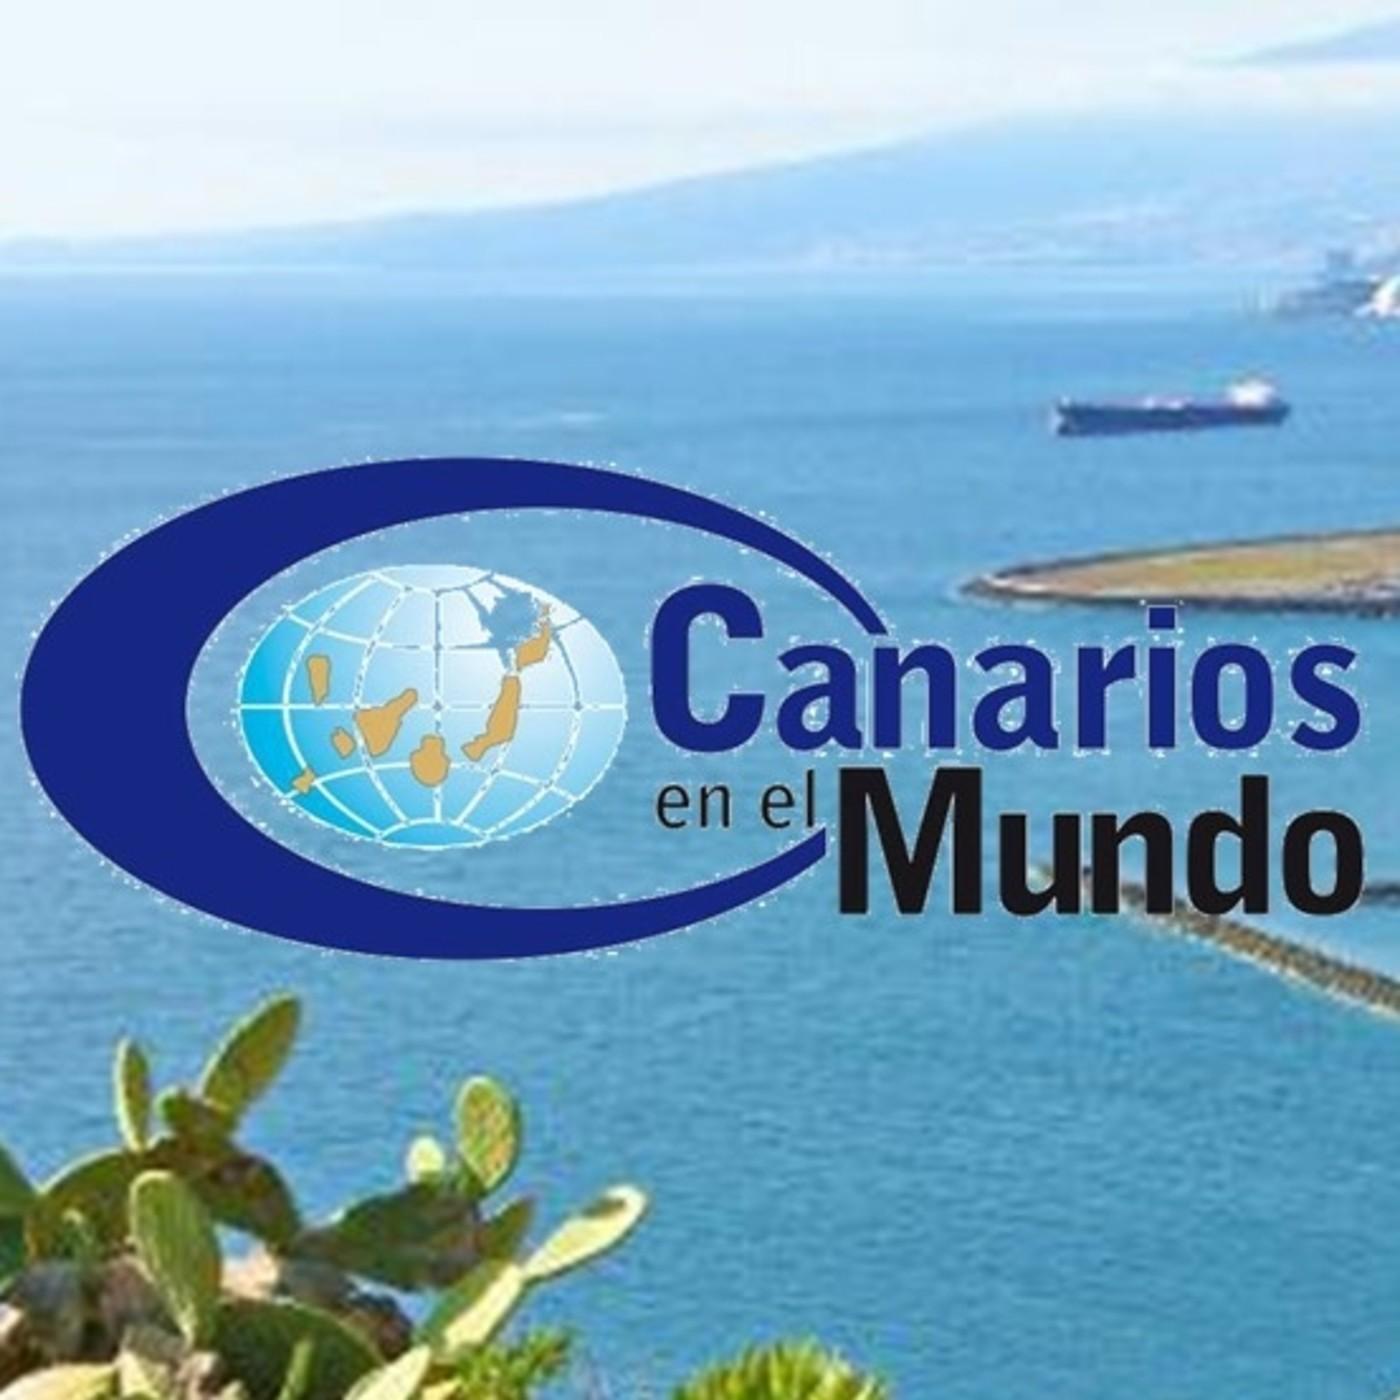 Canarios en el mundo 04 07 2020